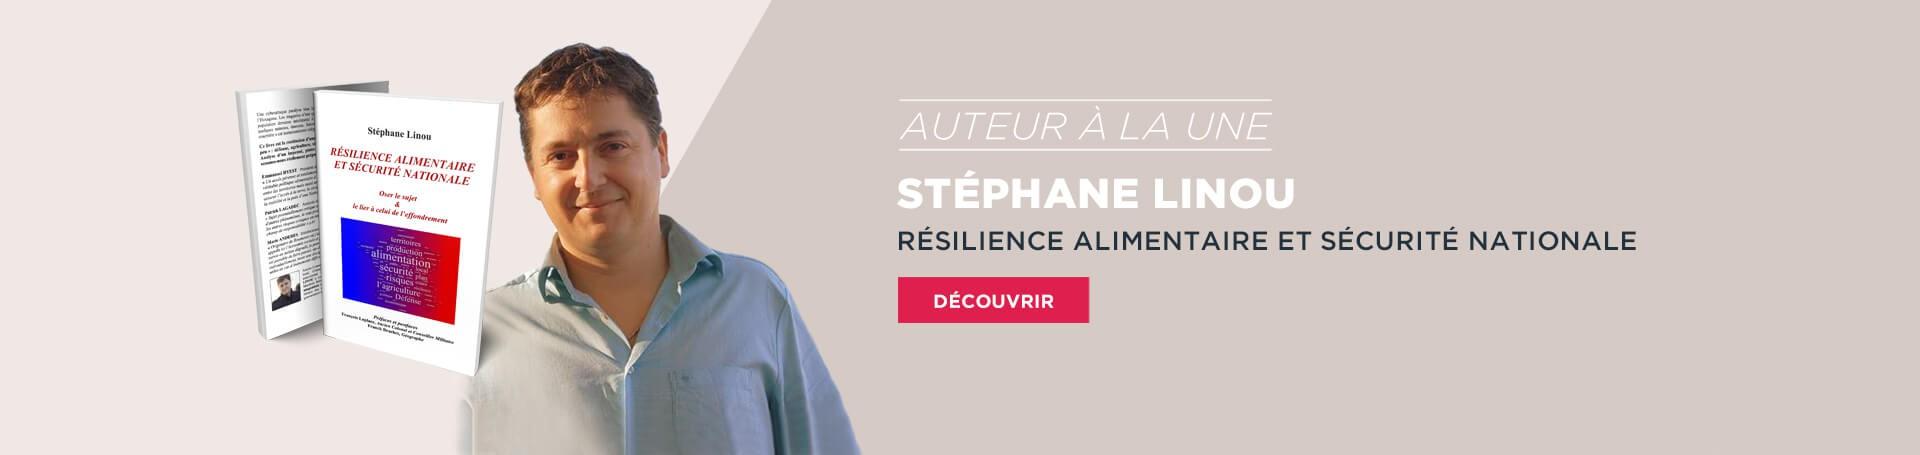 Auteur à la une - Stéphane Linou